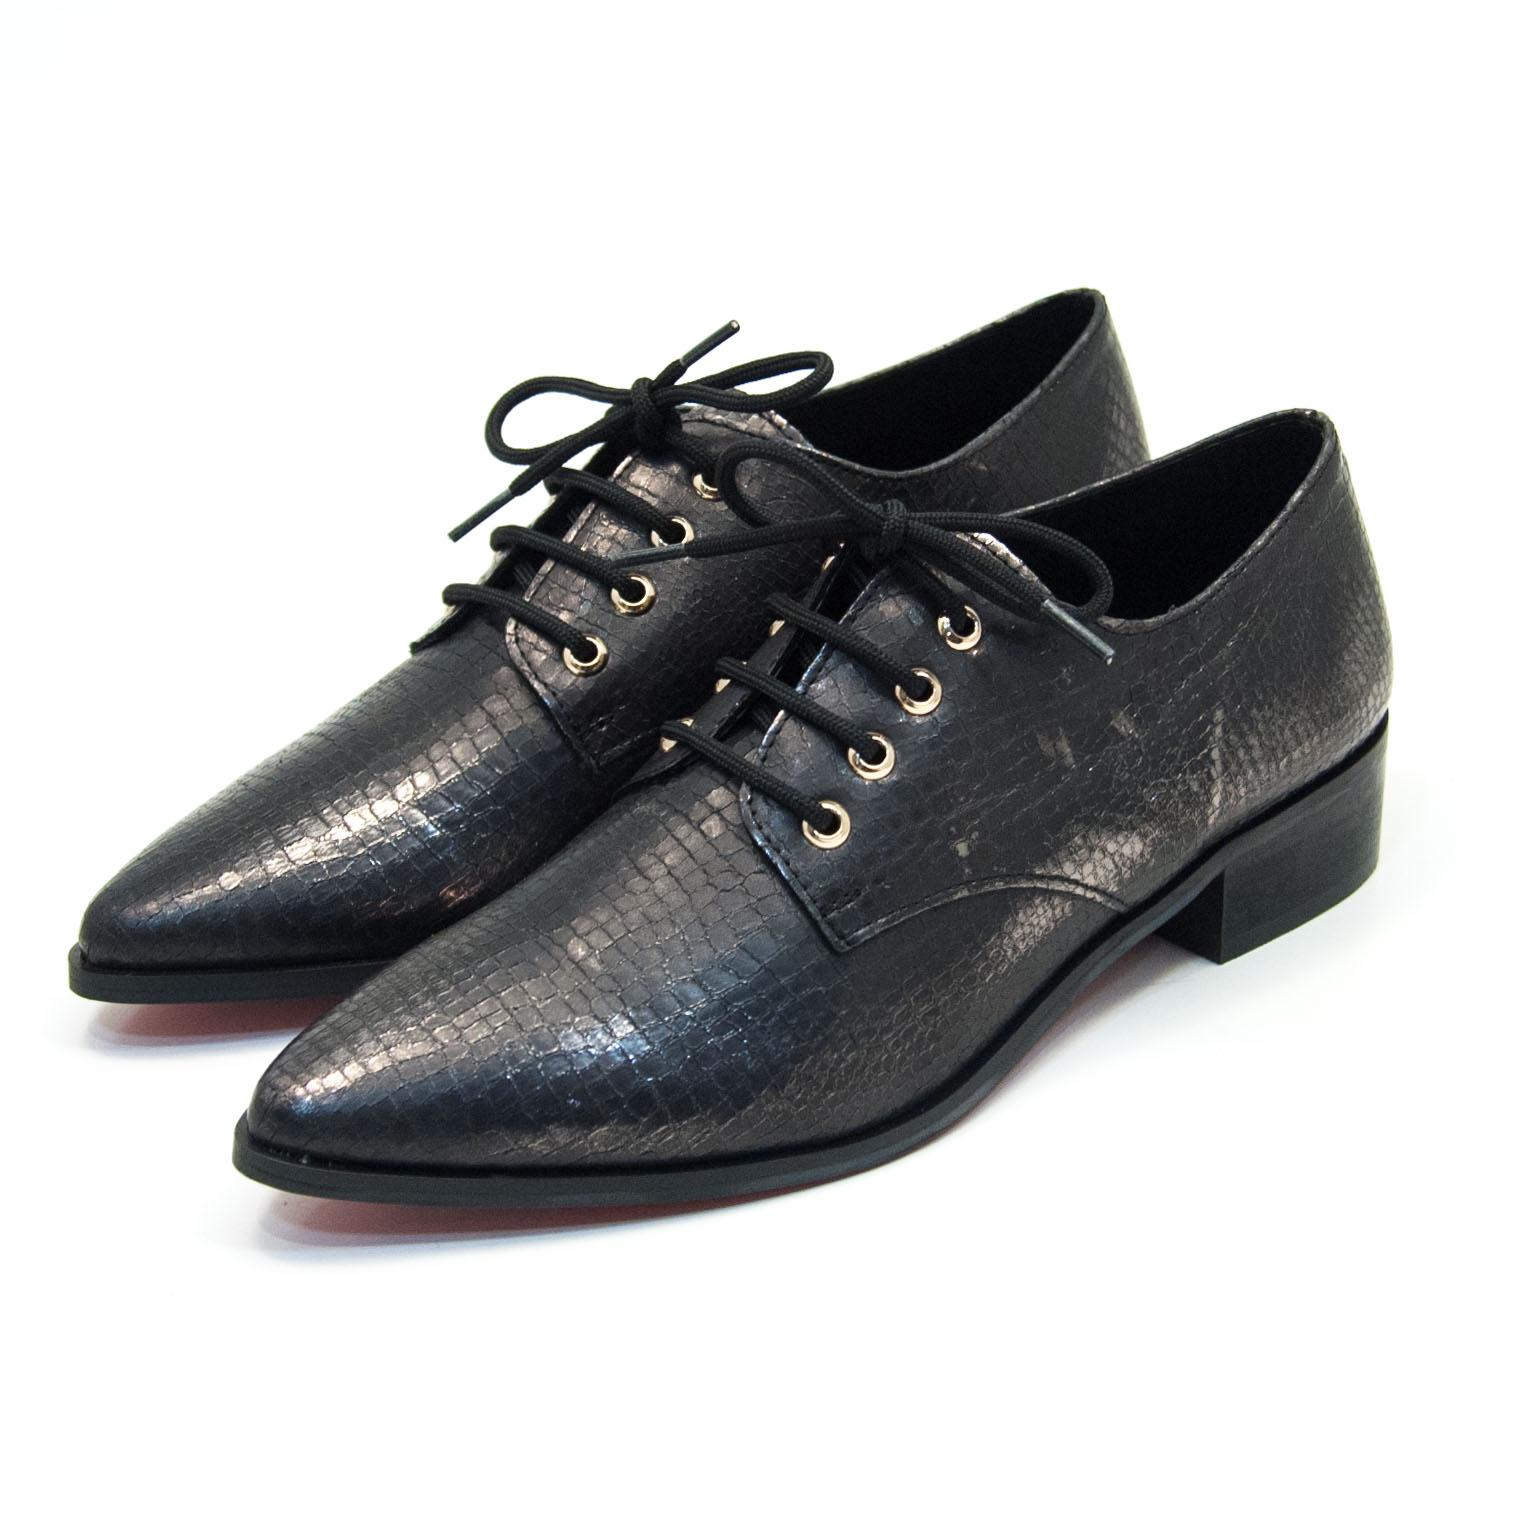 Γυναικείο παπούτσι WALL STREET 15620766